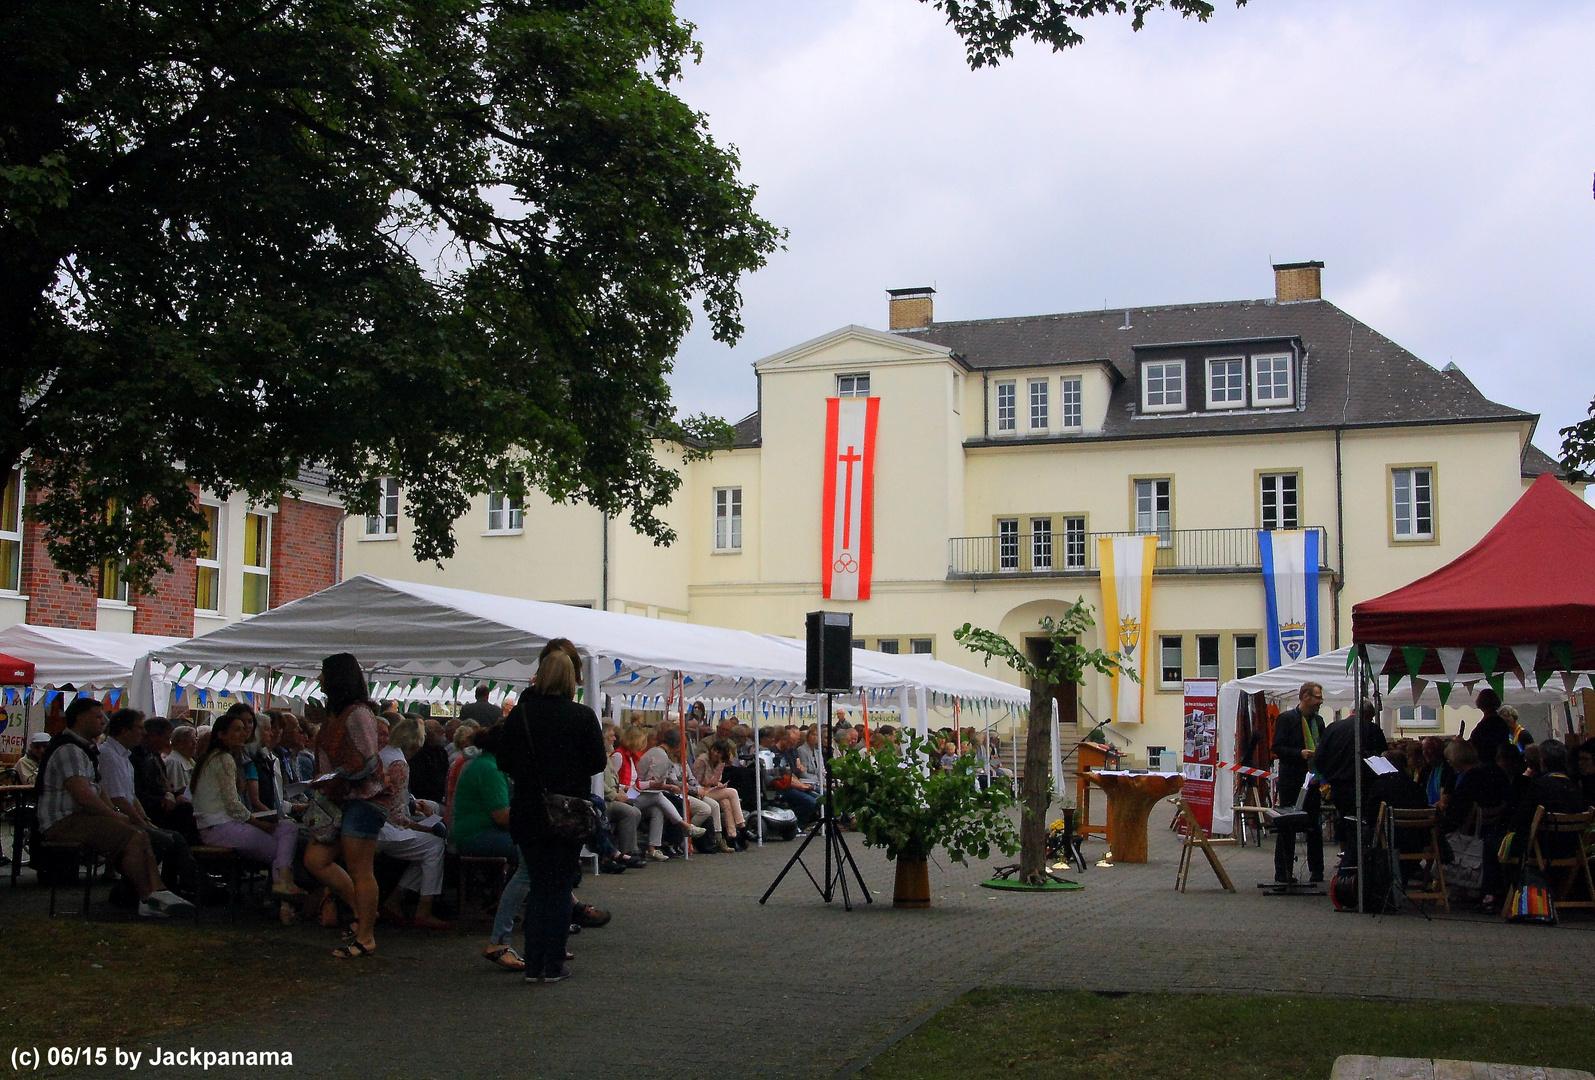 Los ging es mit der Heiligen Messe mit über 400 Gästen im Innenhof des Klosters.